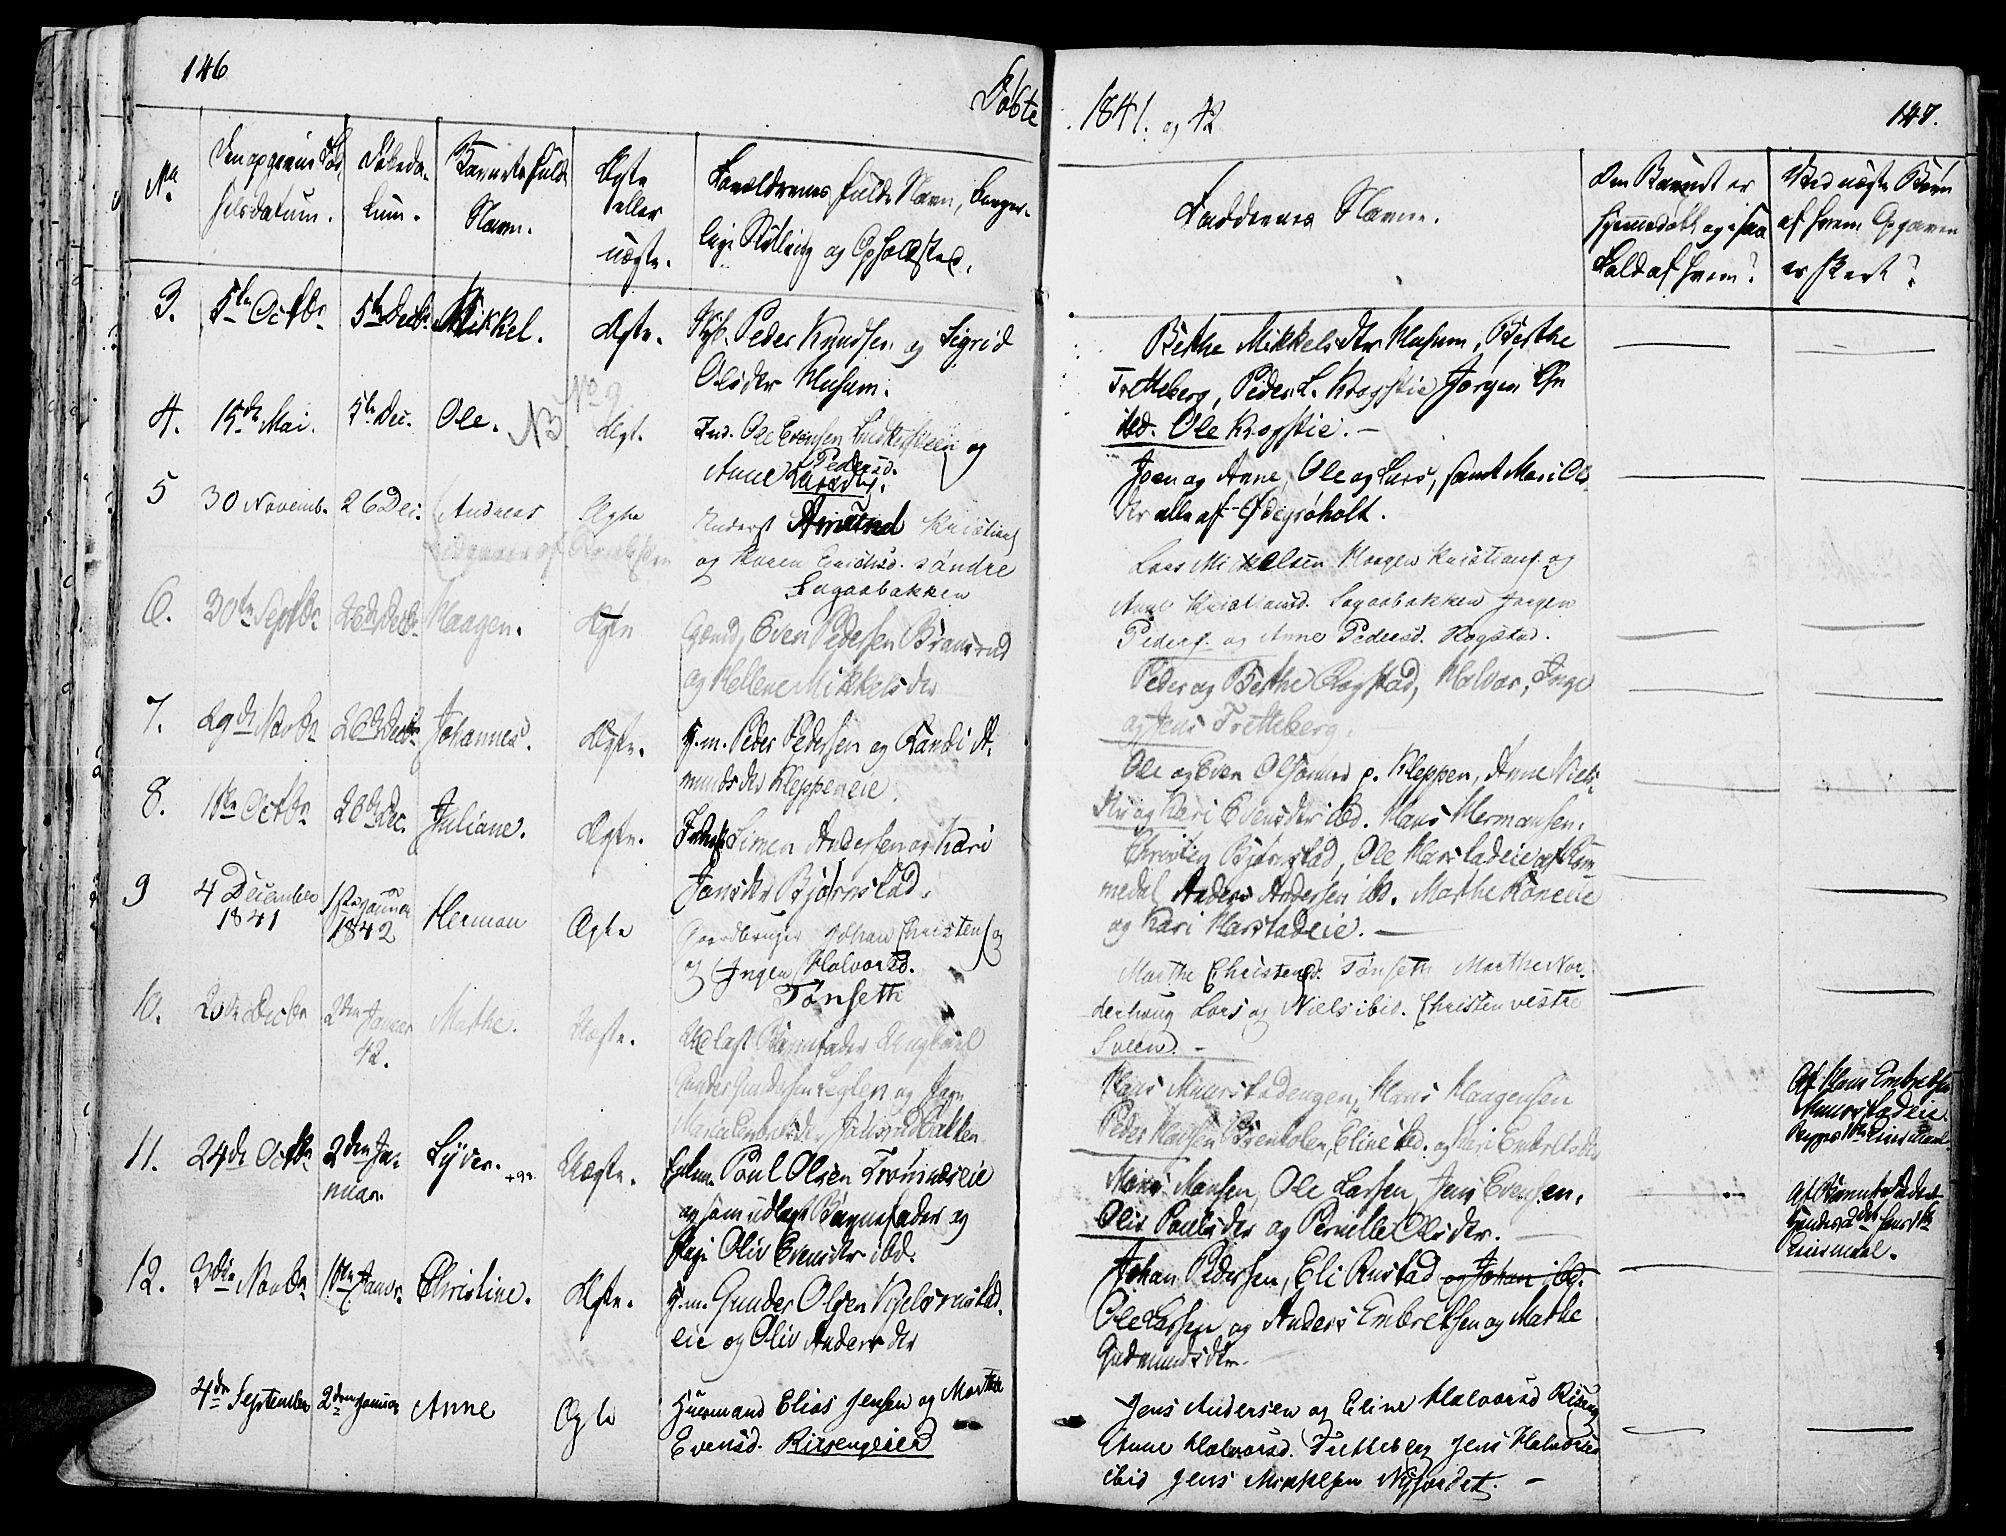 SAH, Løten prestekontor, K/Ka/L0006: Parish register (official) no. 6, 1832-1849, p. 146-147